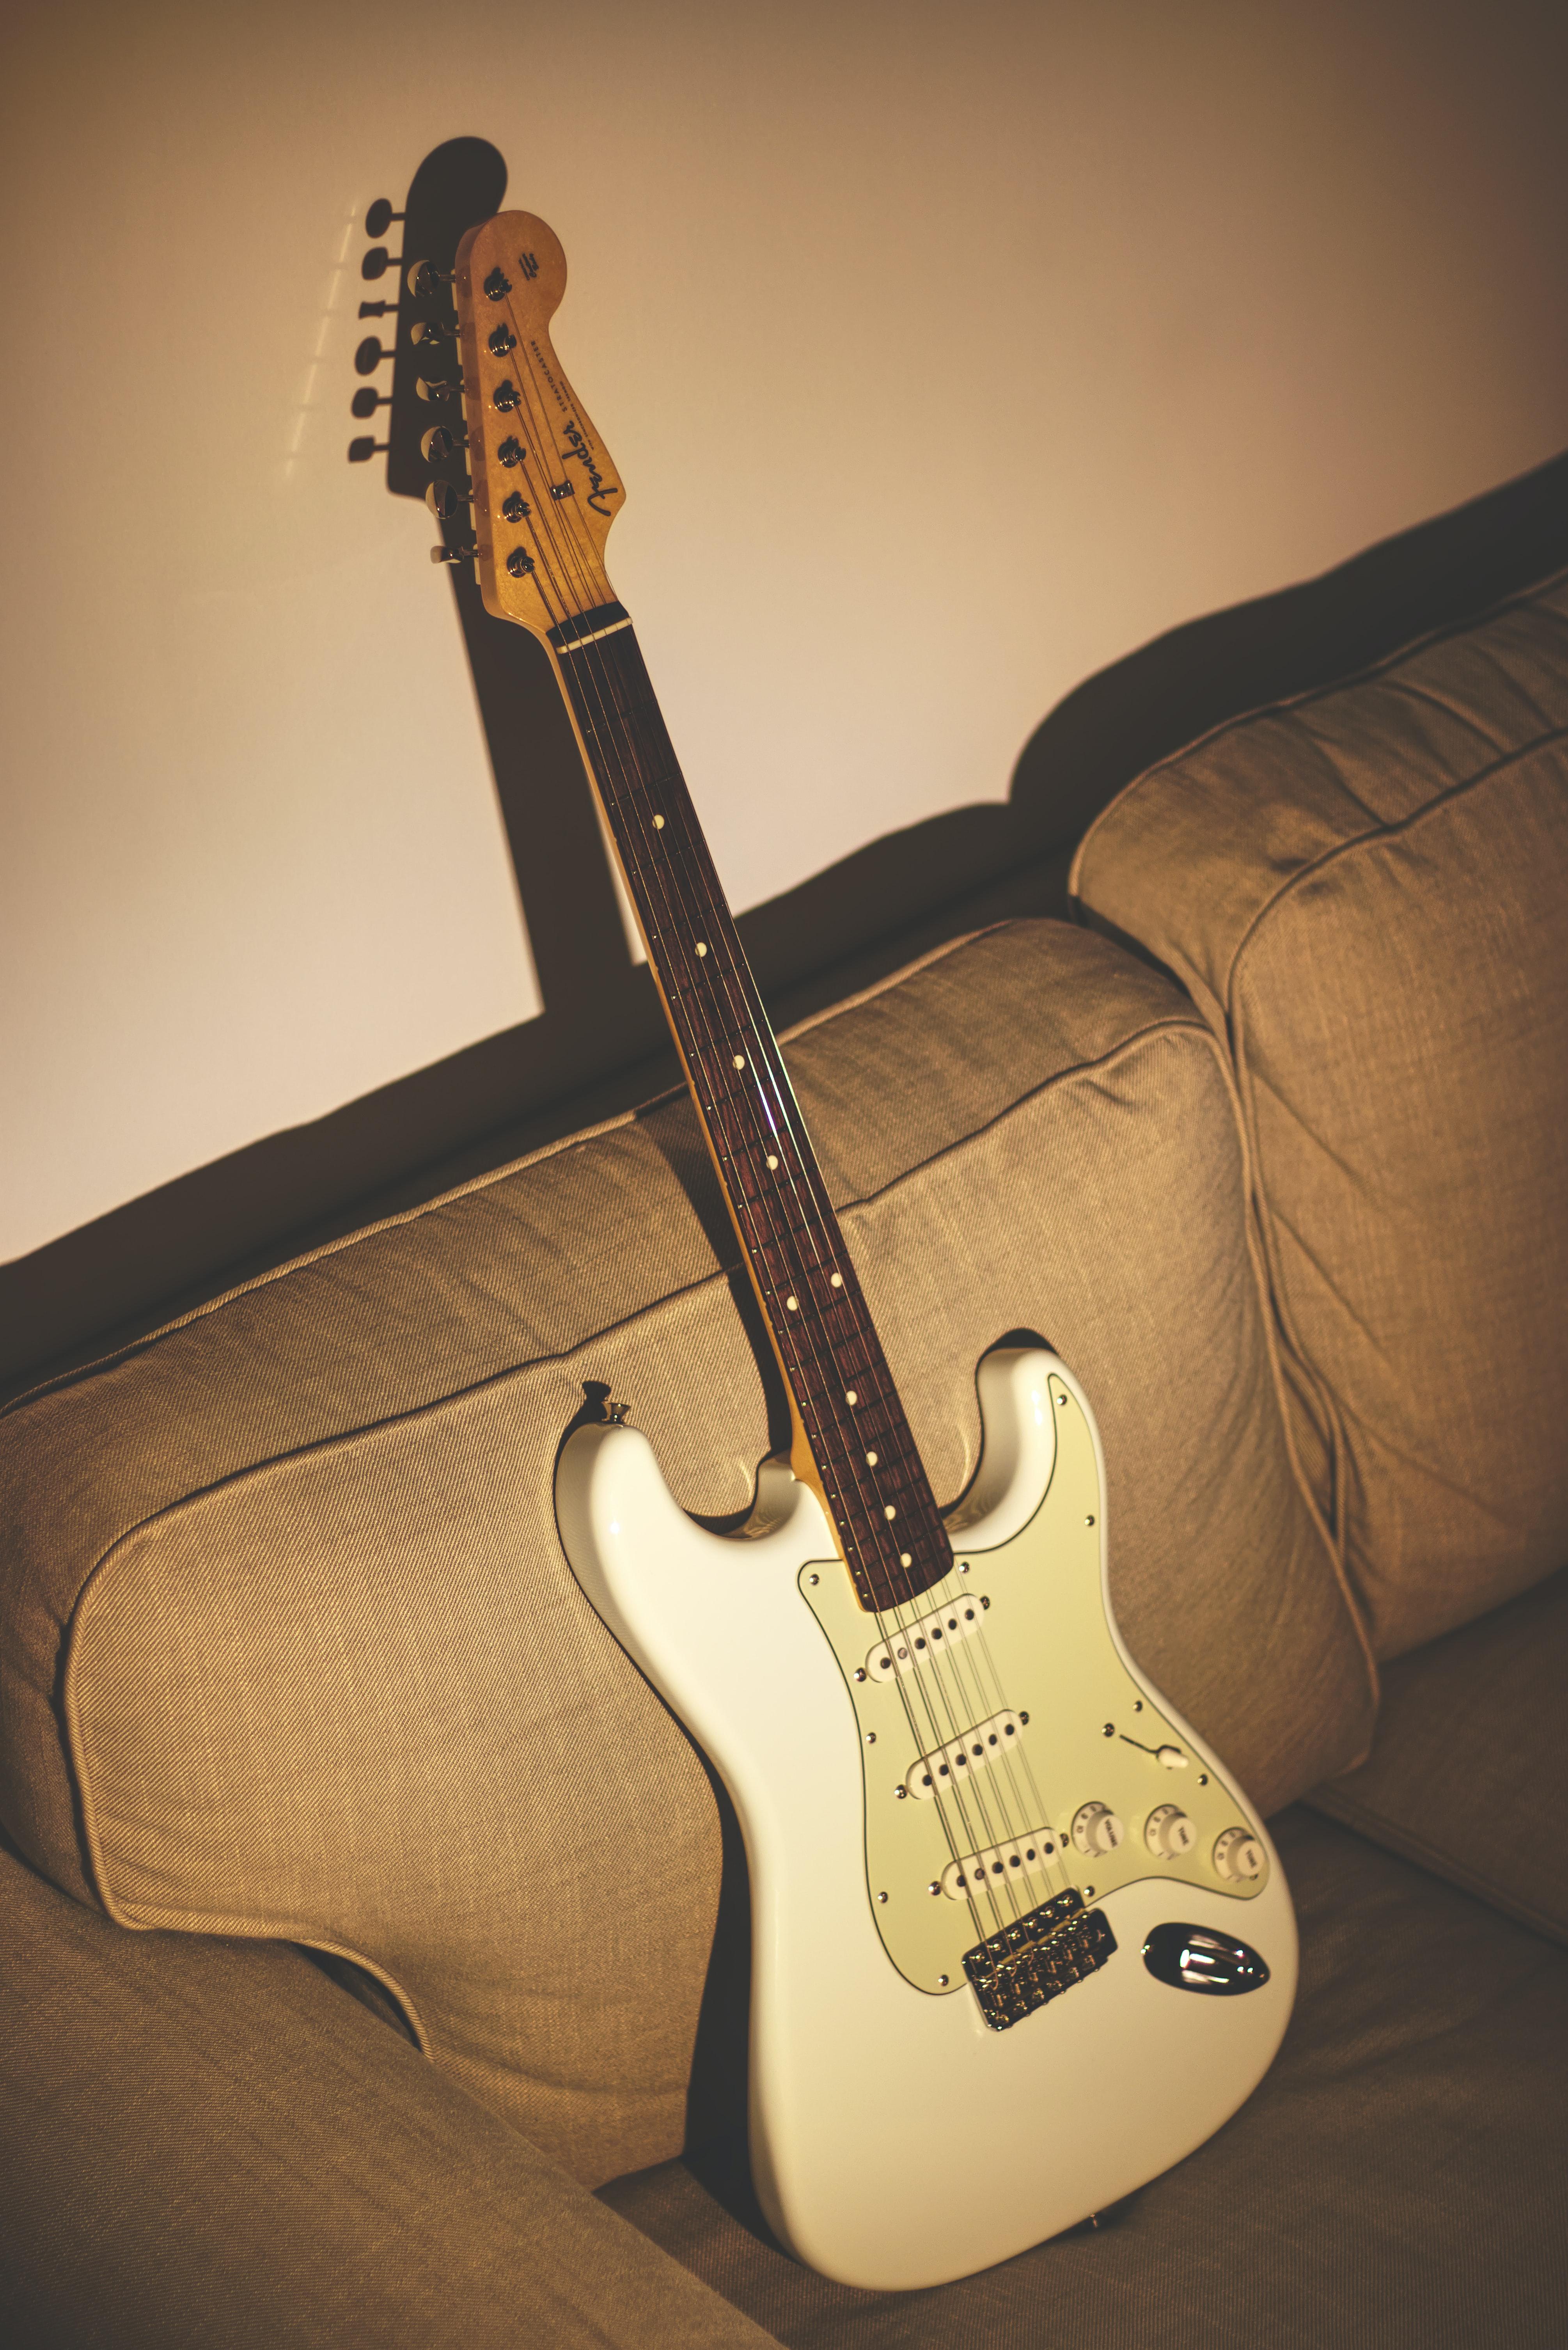 69276 papel de parede 320x480 em seu telefone gratuitamente, baixe imagens Música, Guitarra, Violão, Instrumento Musical, Guitarra Elétrica, Stratocaster 320x480 em seu celular